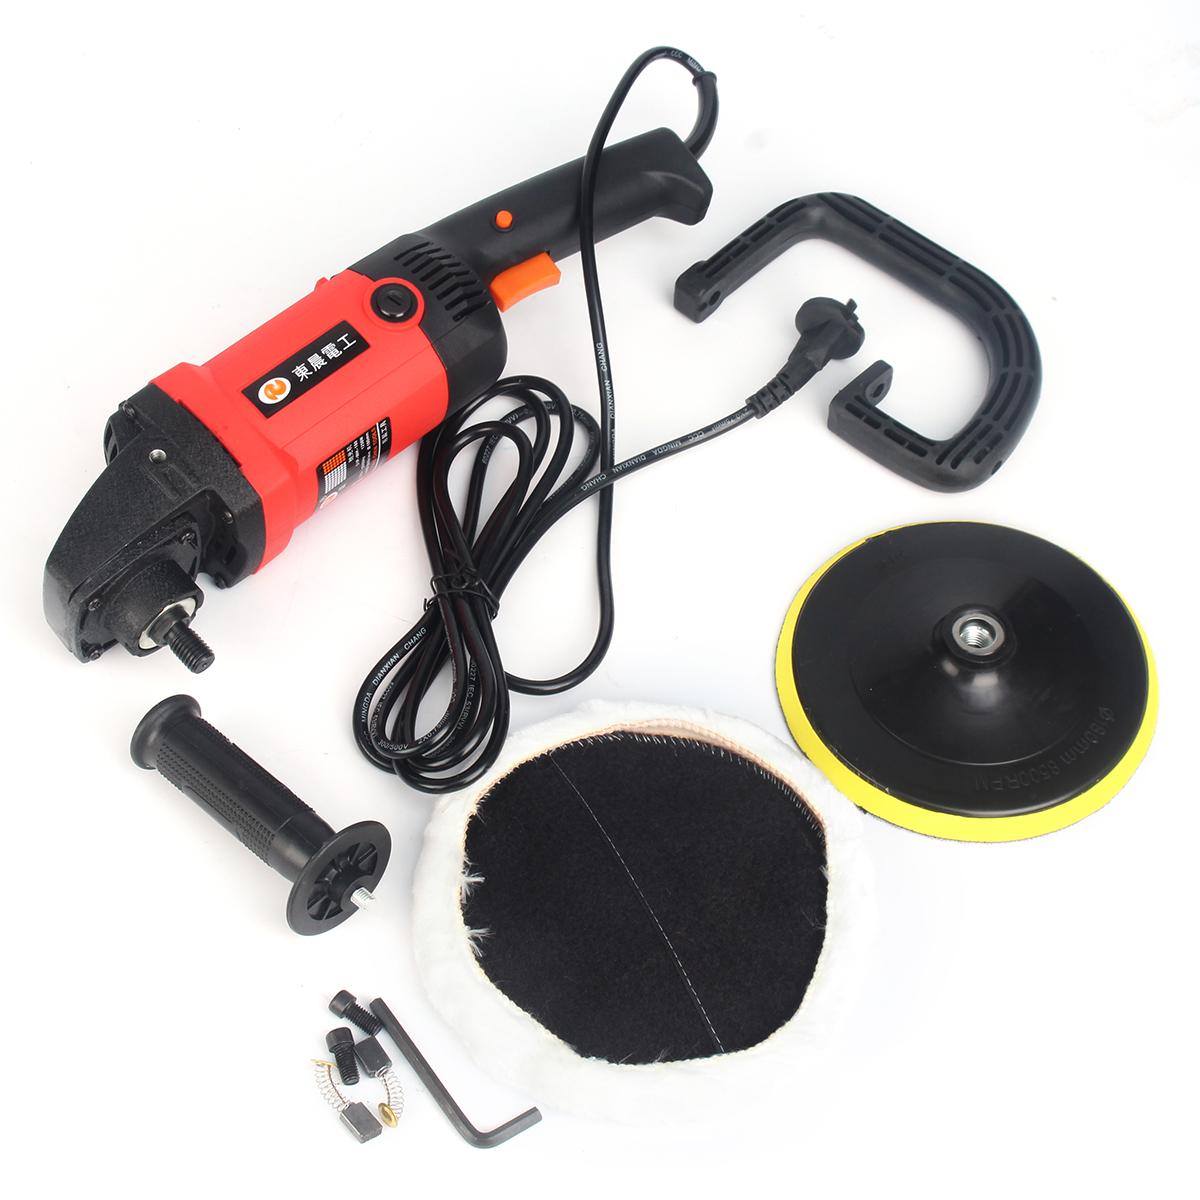 220V 1200W Electric Polisher Buffer Waxing Machine Electric Detailing Tool